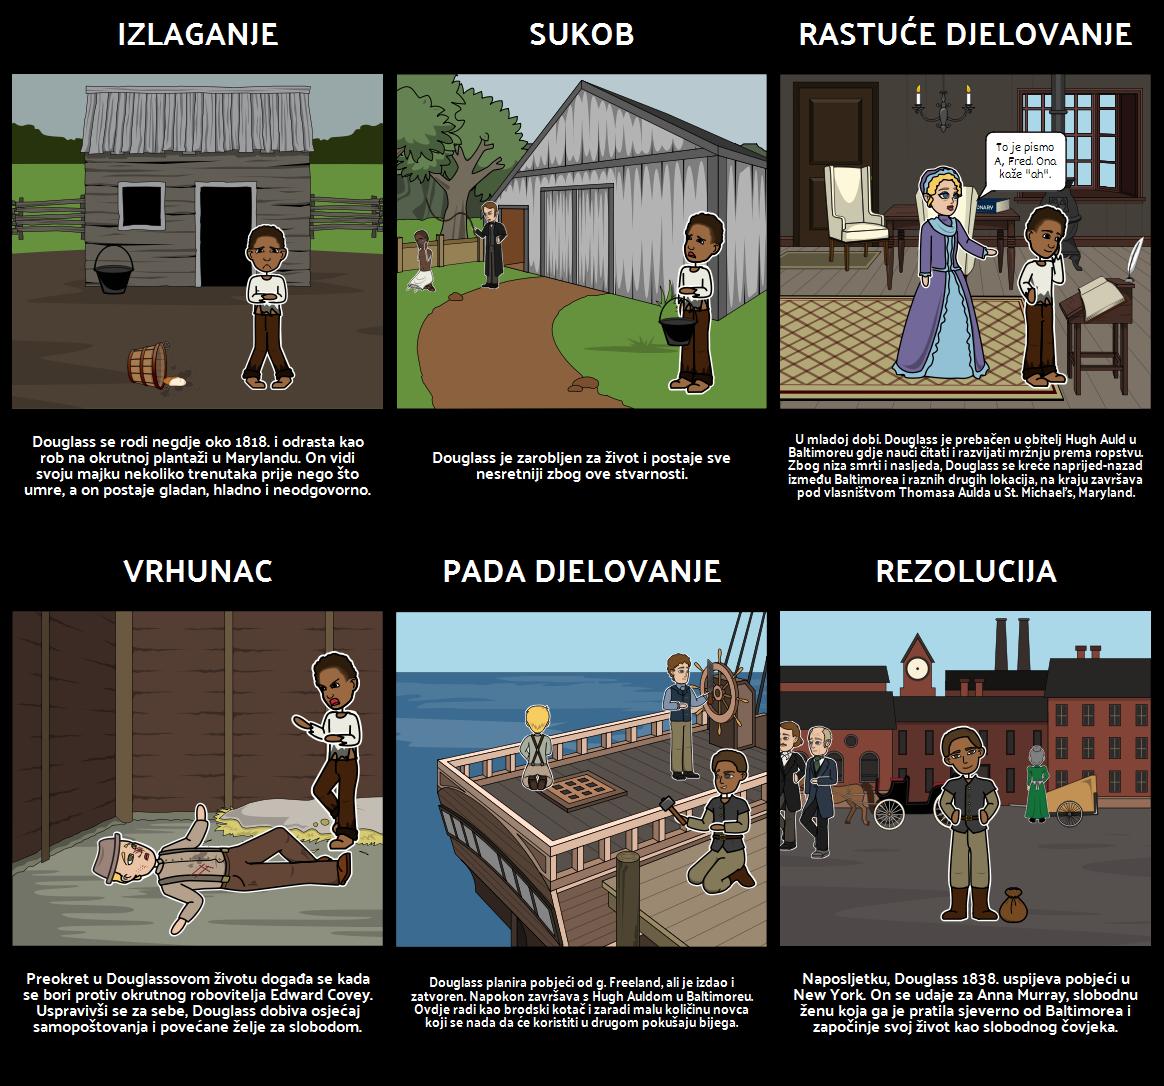 Priča o Životu Dijagrama Plana Fredericka Douglassa